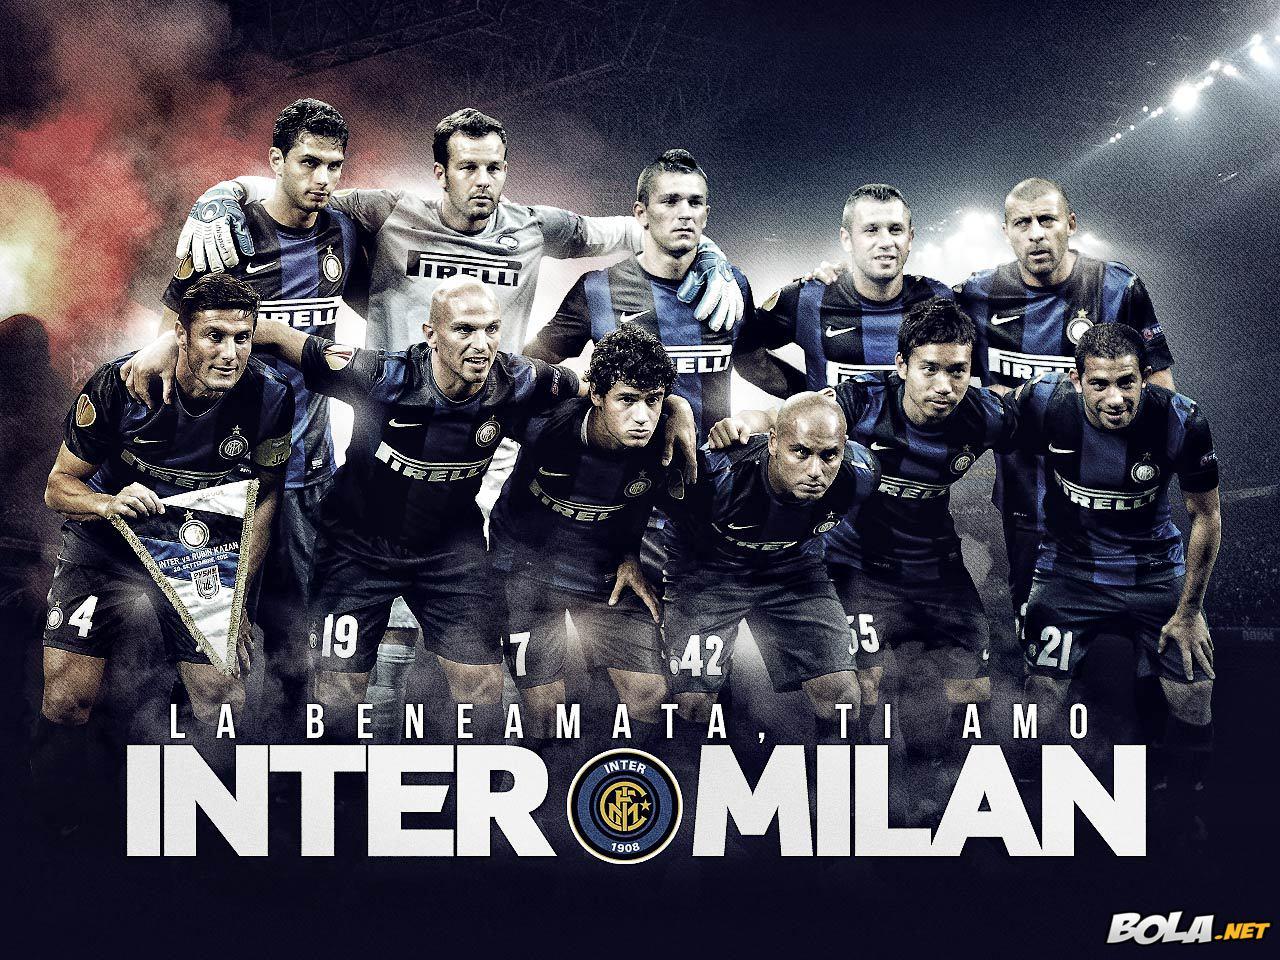 50 Inter Milan Wallpaper On Wallpapersafari